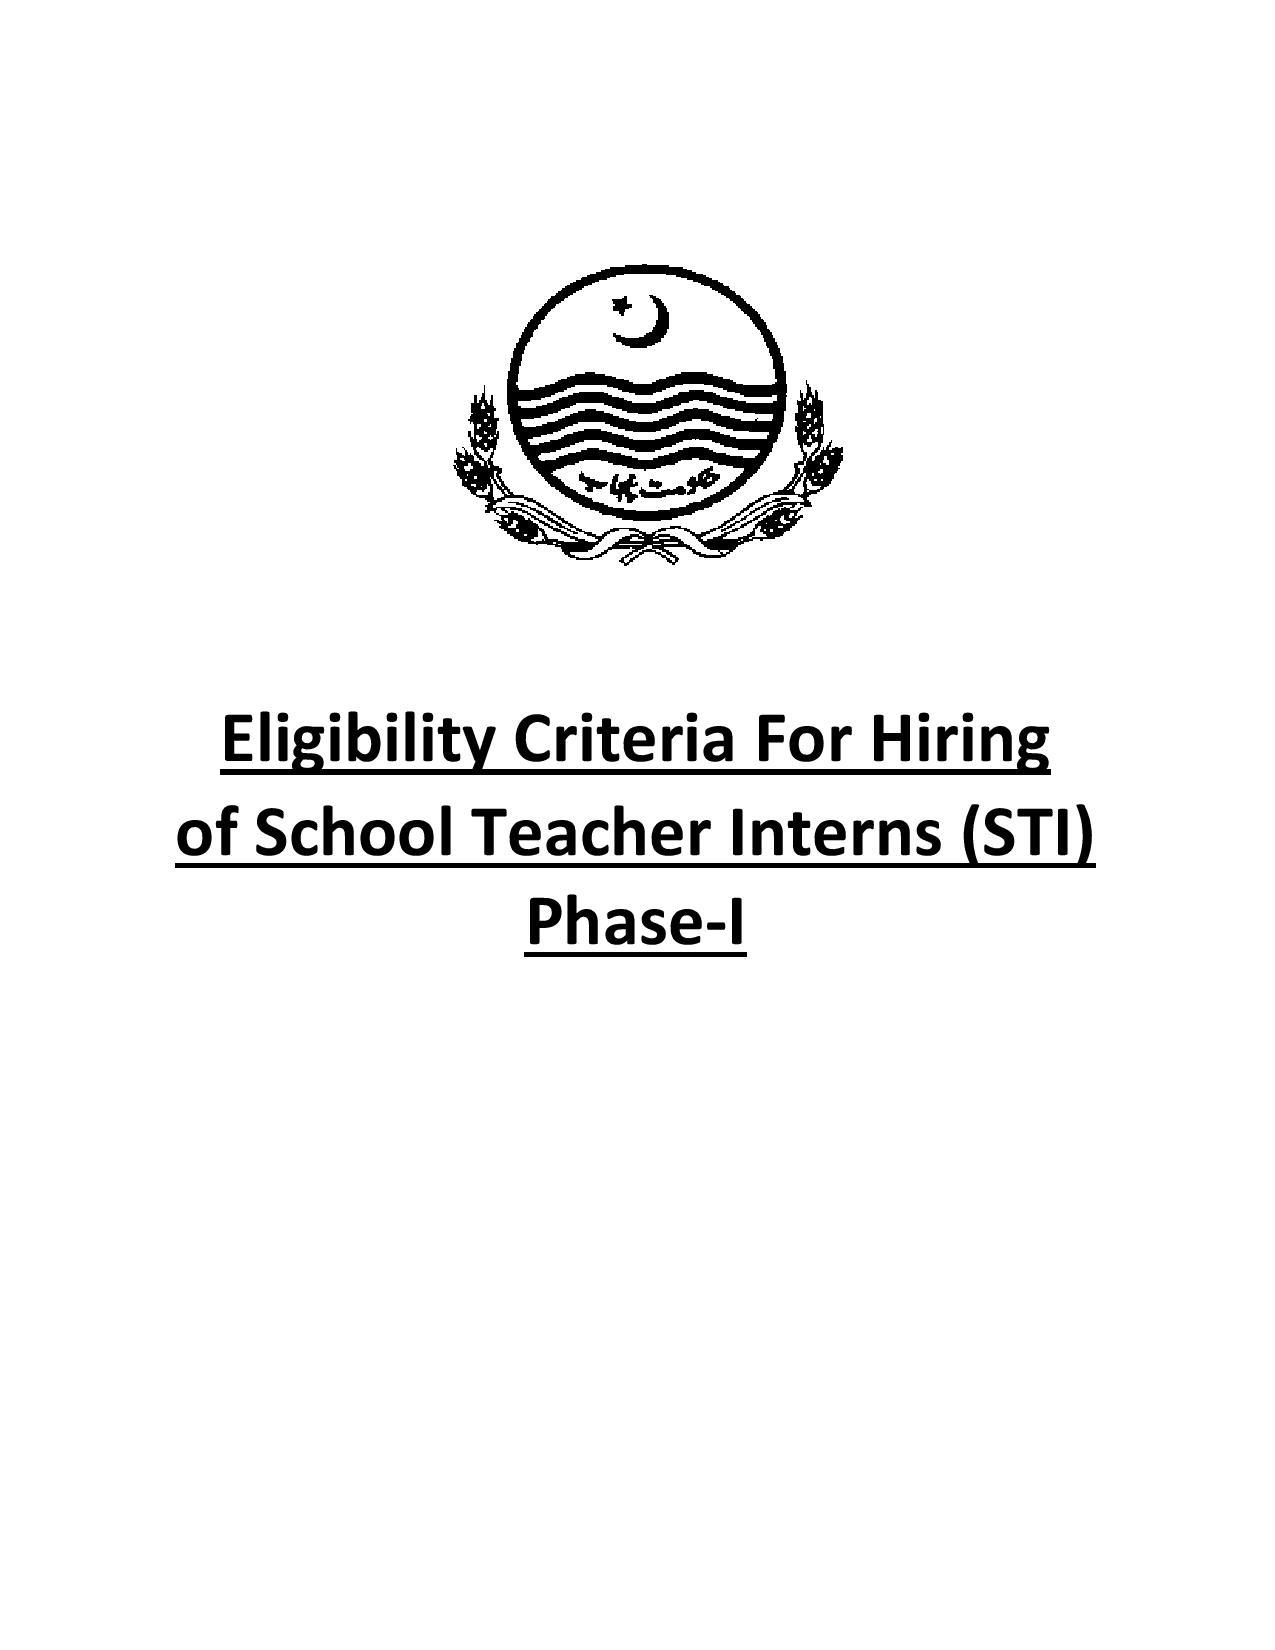 STI jobs 2021